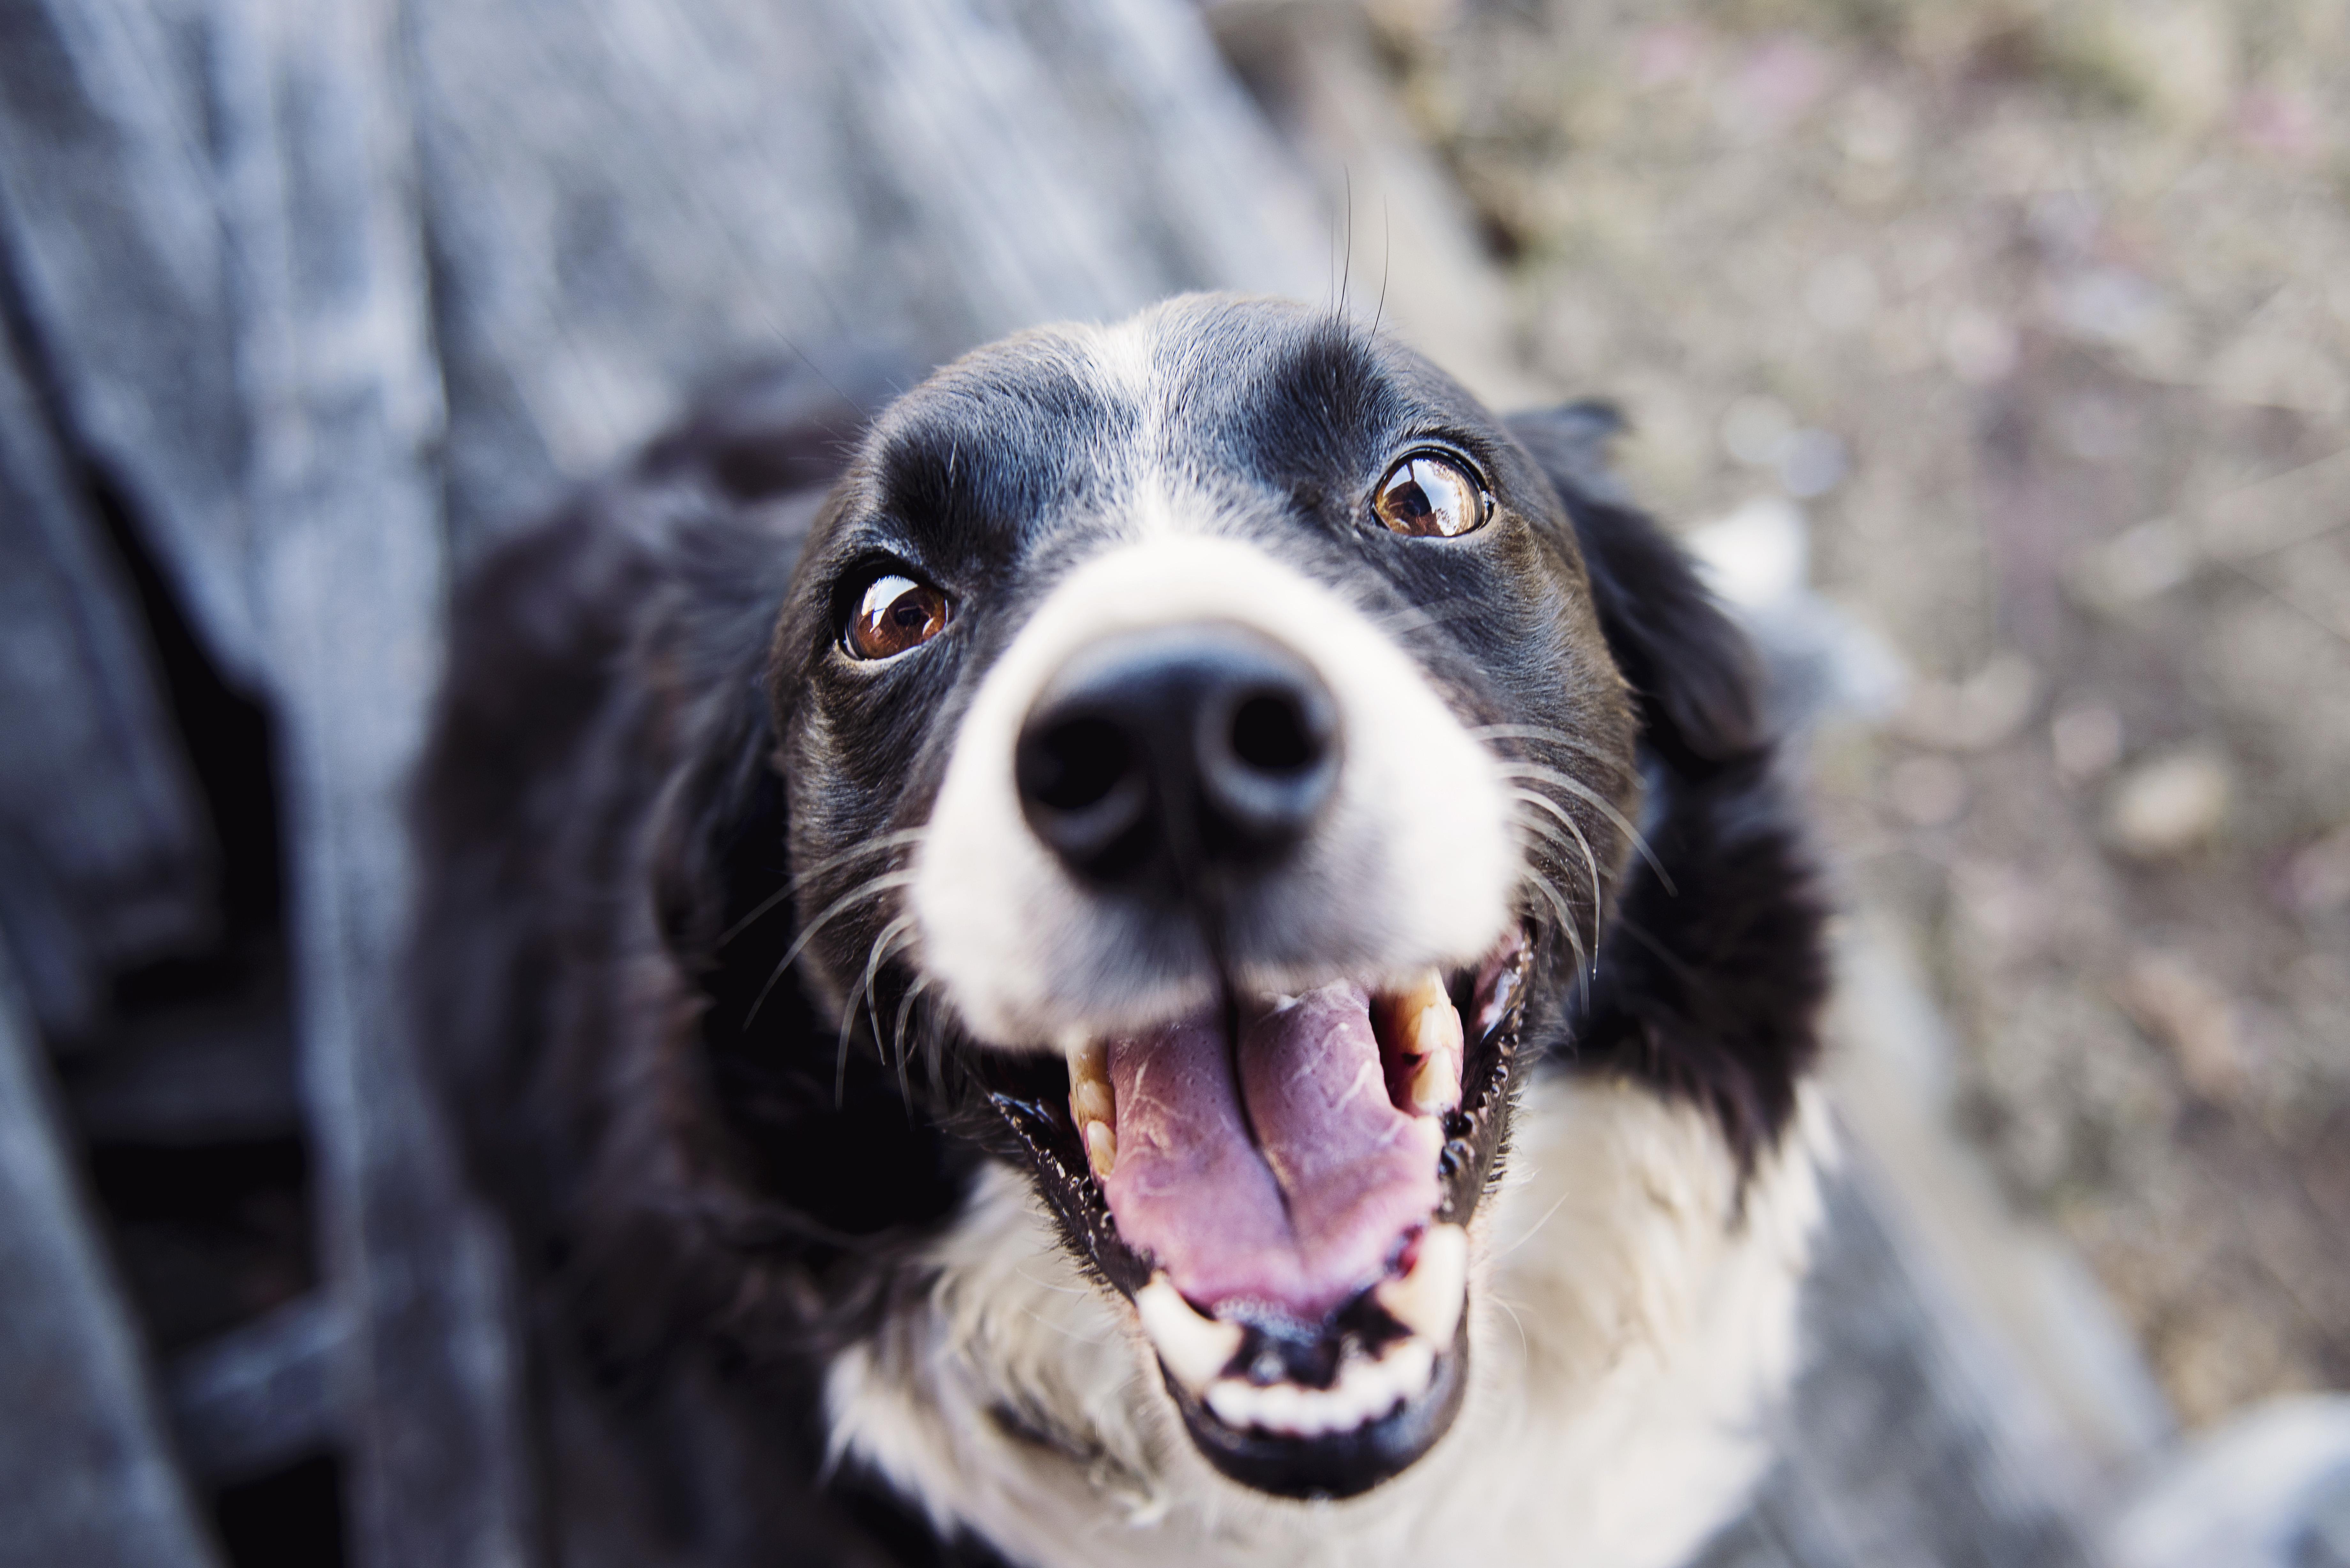 U zubaře pomáhají terapeutičtí psi dětem s autismem